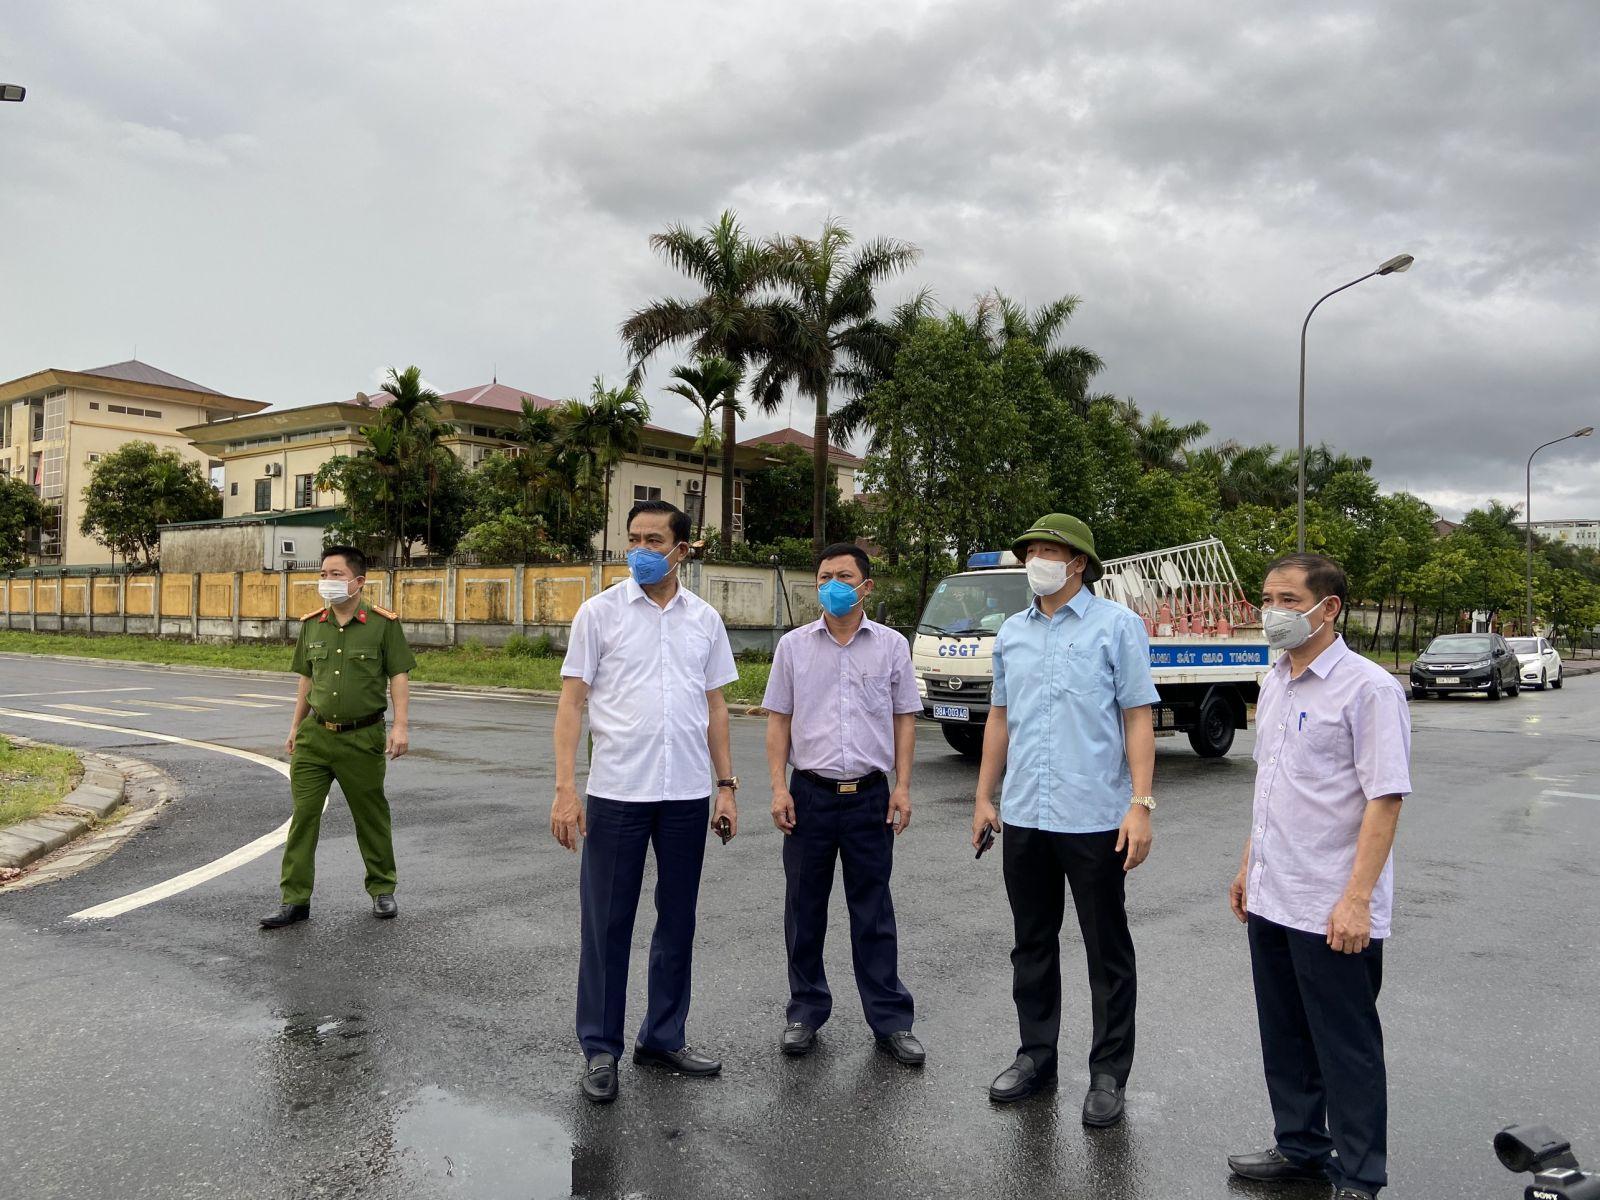 Chủ tịch tỉnh Hà Tĩnh cùng lãnh đạo sở Y tế Hà Tĩnh chỉ đạo tại khu vực có ca nghi nhiễm